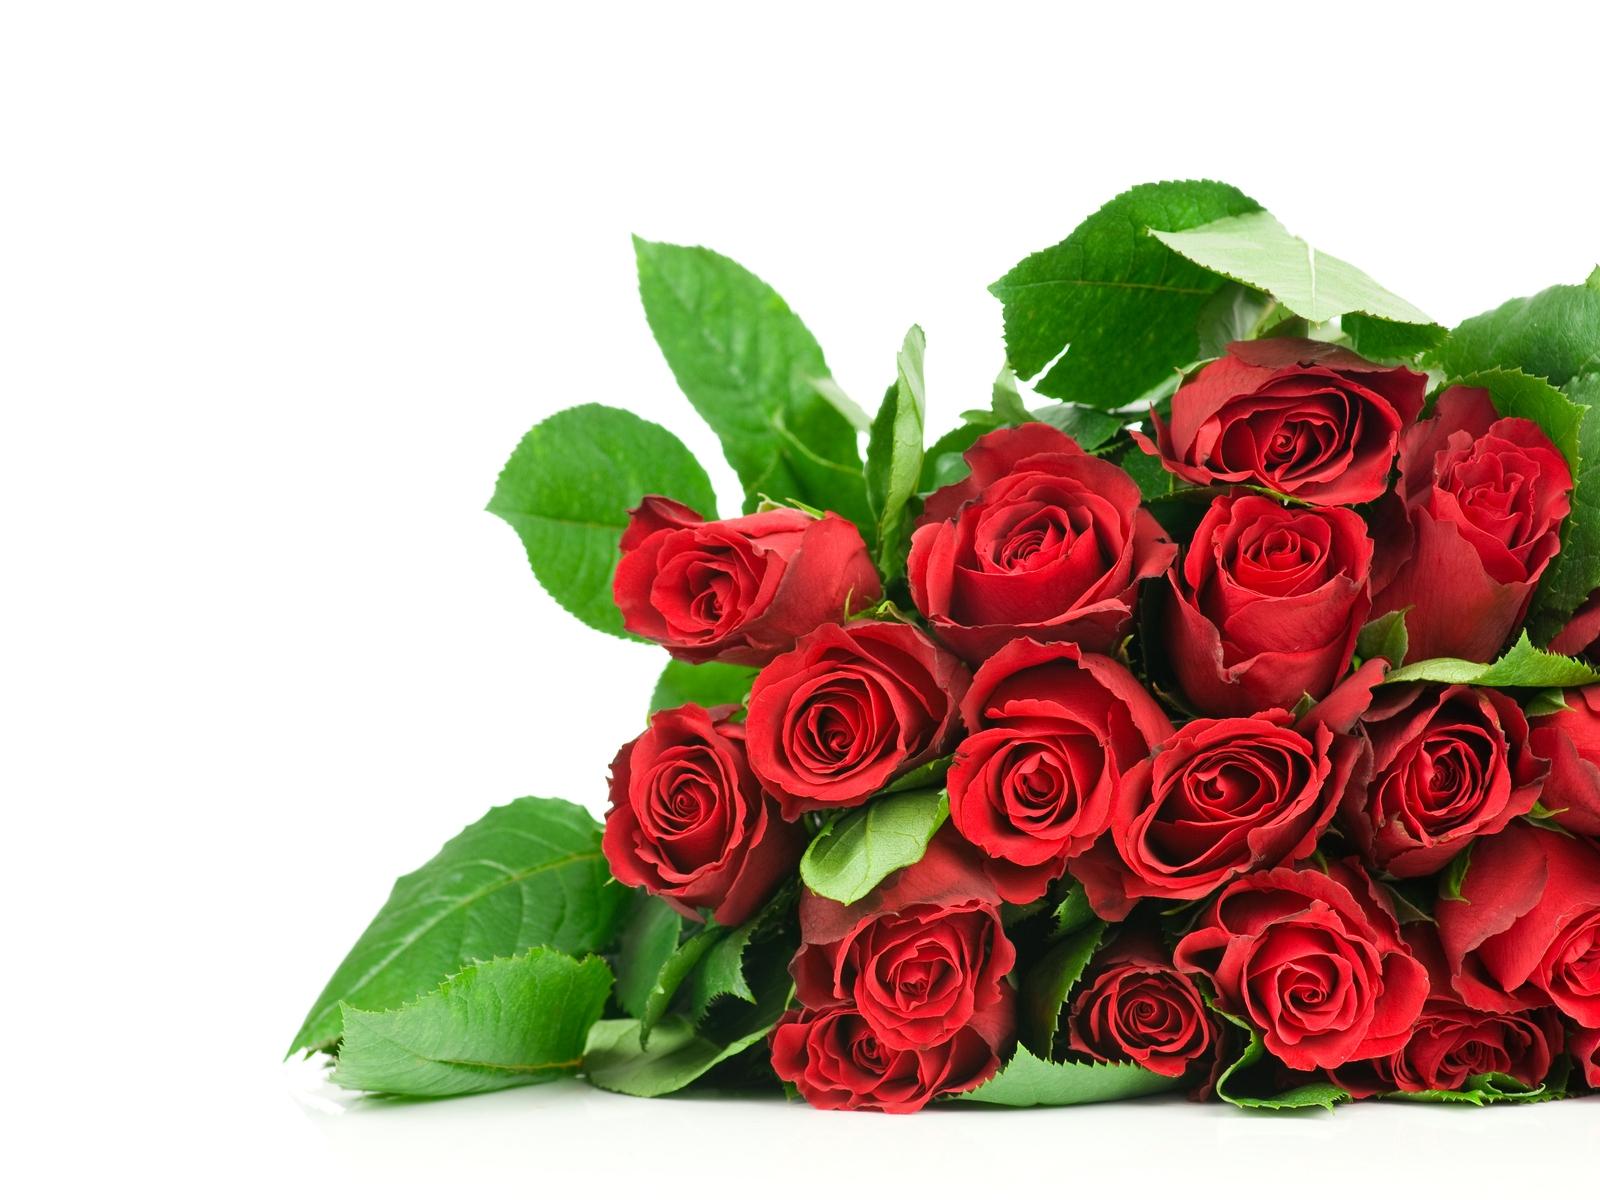 Mazzo Di Fiori Elegante.Sfondi Rosso Fiore Rose Mazzo Petalo Elegante Tanto